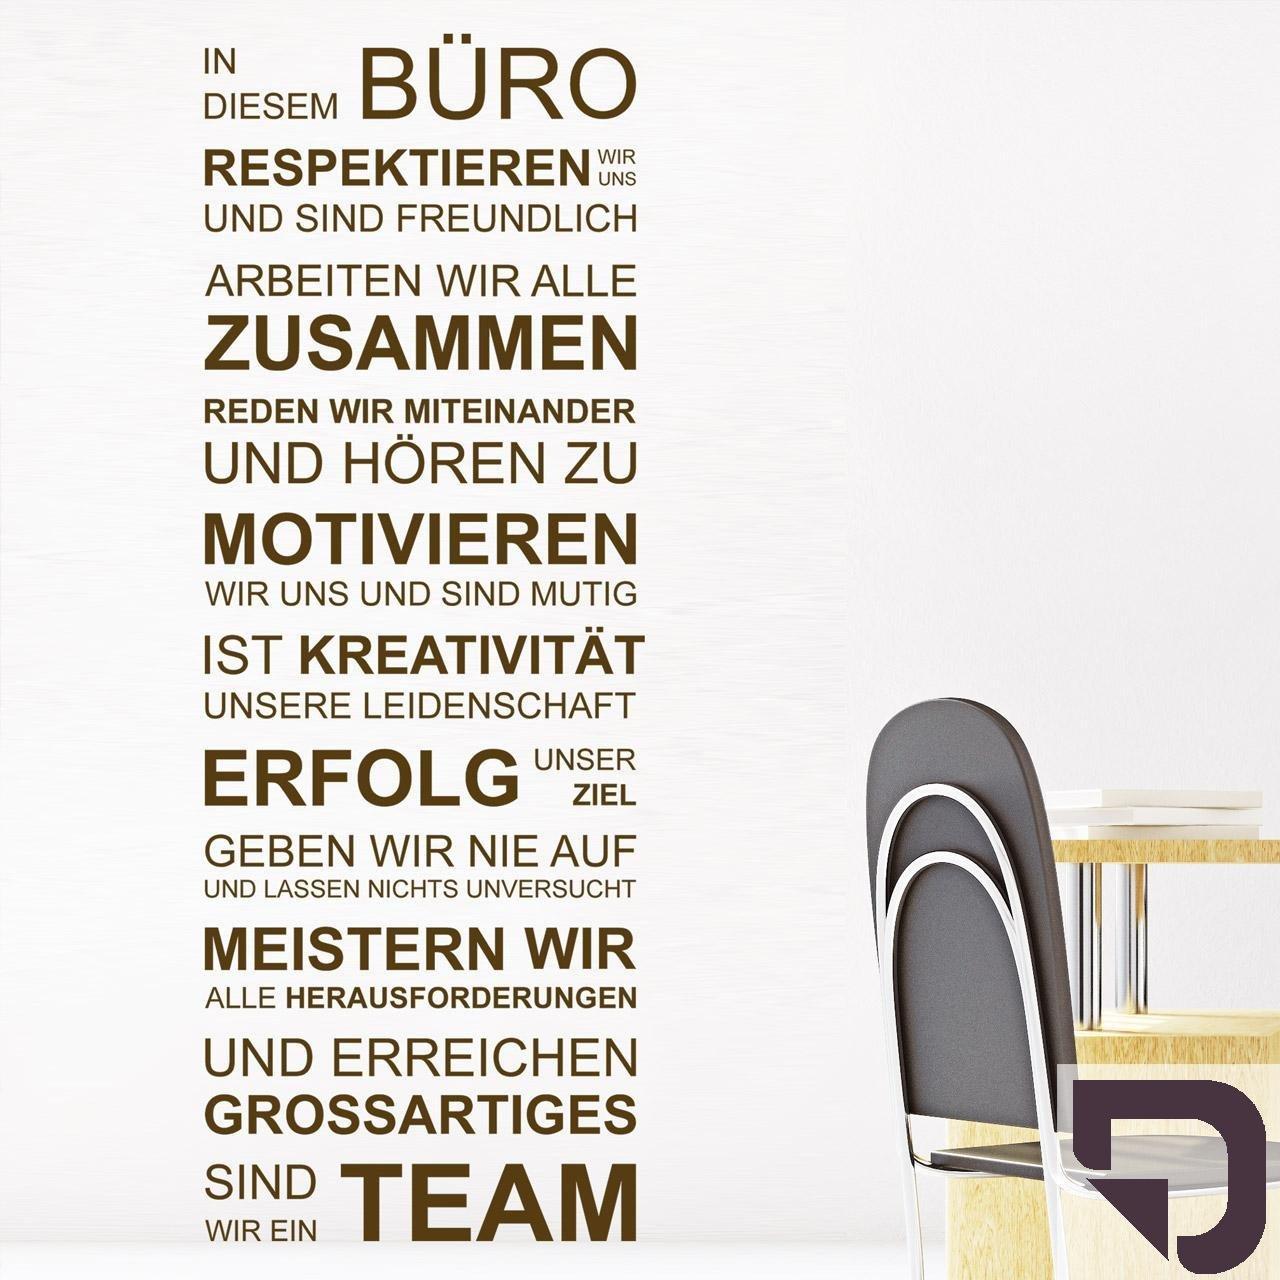 DESIGNSCAPE® Wandtattoo Wandtattoo Wandtattoo In diesem Büro respektieren wir uns, arbeiten wir alle zusammen, geben wir nie auf, sind wir ein Team... 67 x 180 cm (Breite x Höhe) schwarz DW801462-L-F4 B01H3YOWF4 Wandtattoos & Wandbilder 83761b